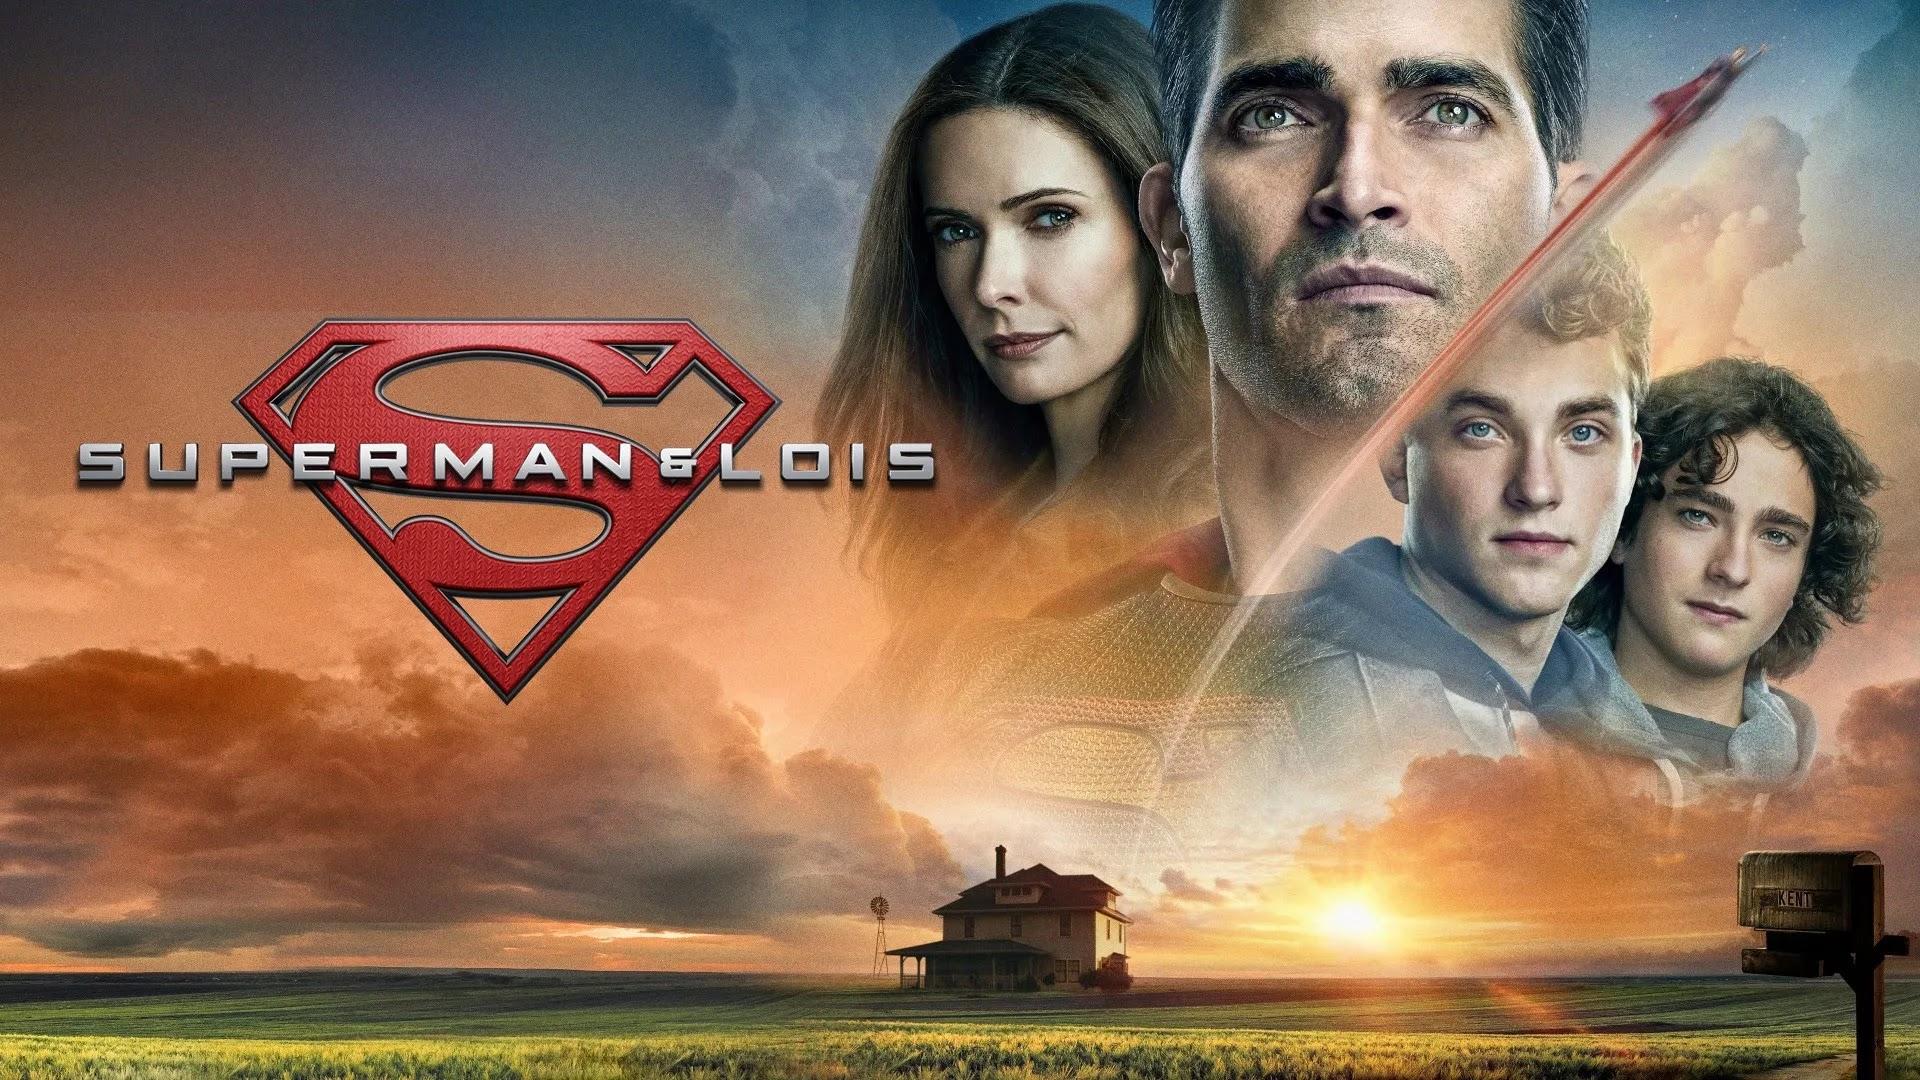 Superman & Lois 1×13